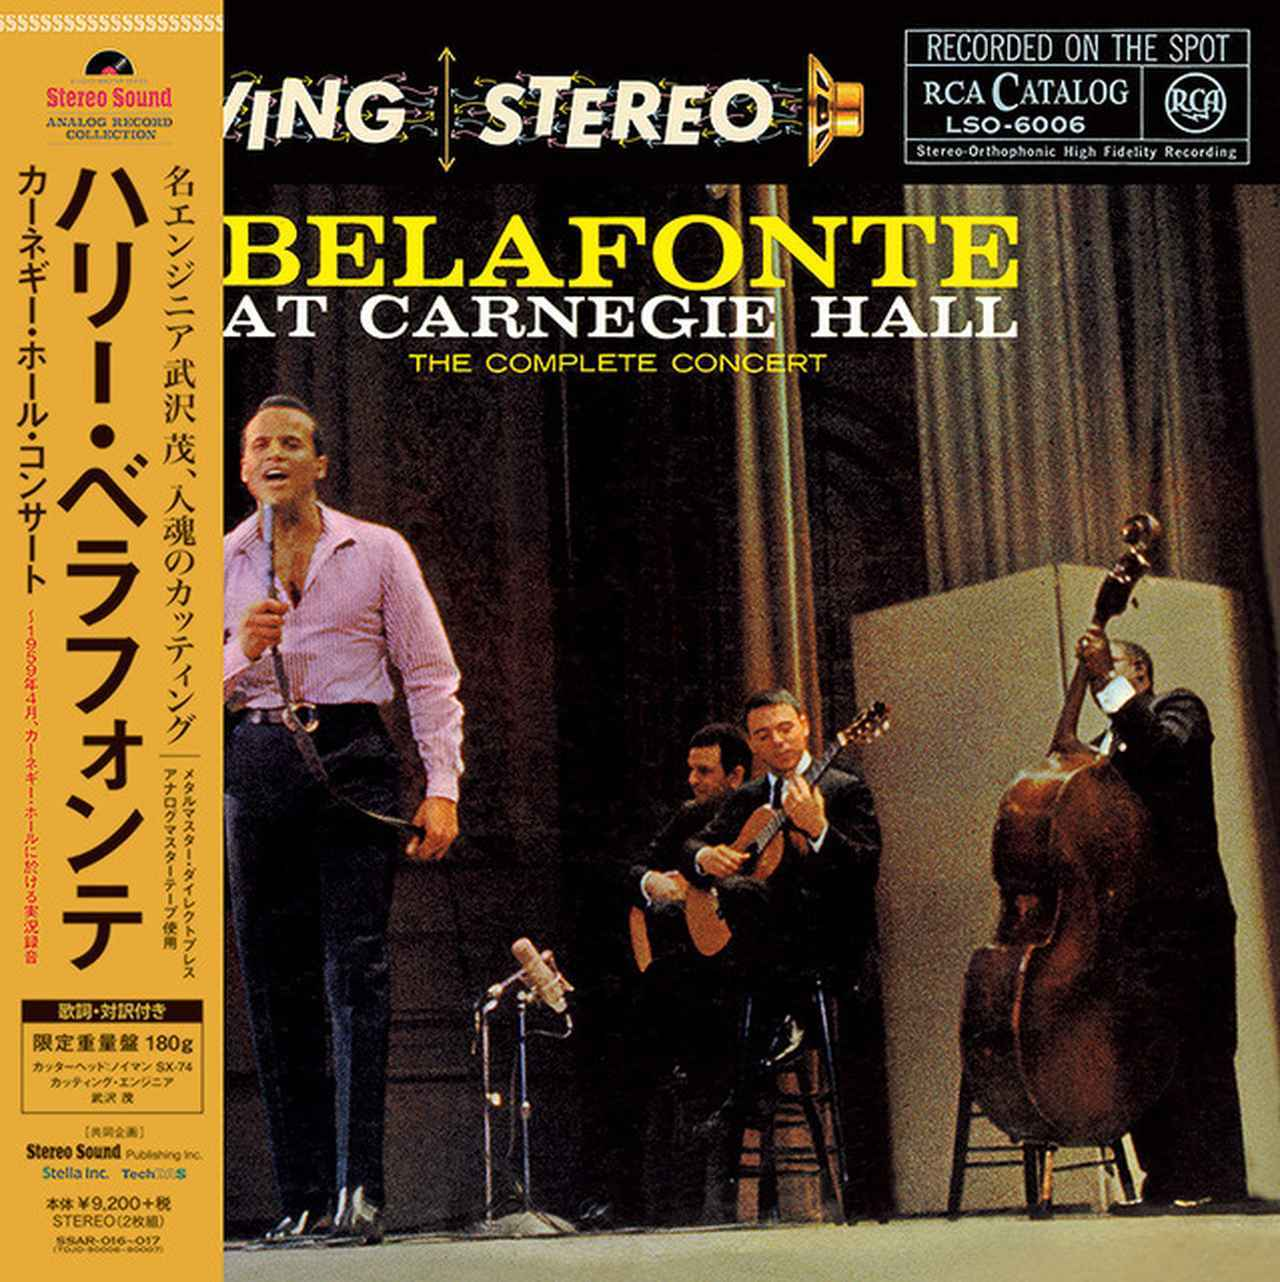 画像: 伝説のライブ『ハリー・ベラフォンテ・カーネギー・ホール・コンサート』のアナログレコードを数量限定で6/25発売